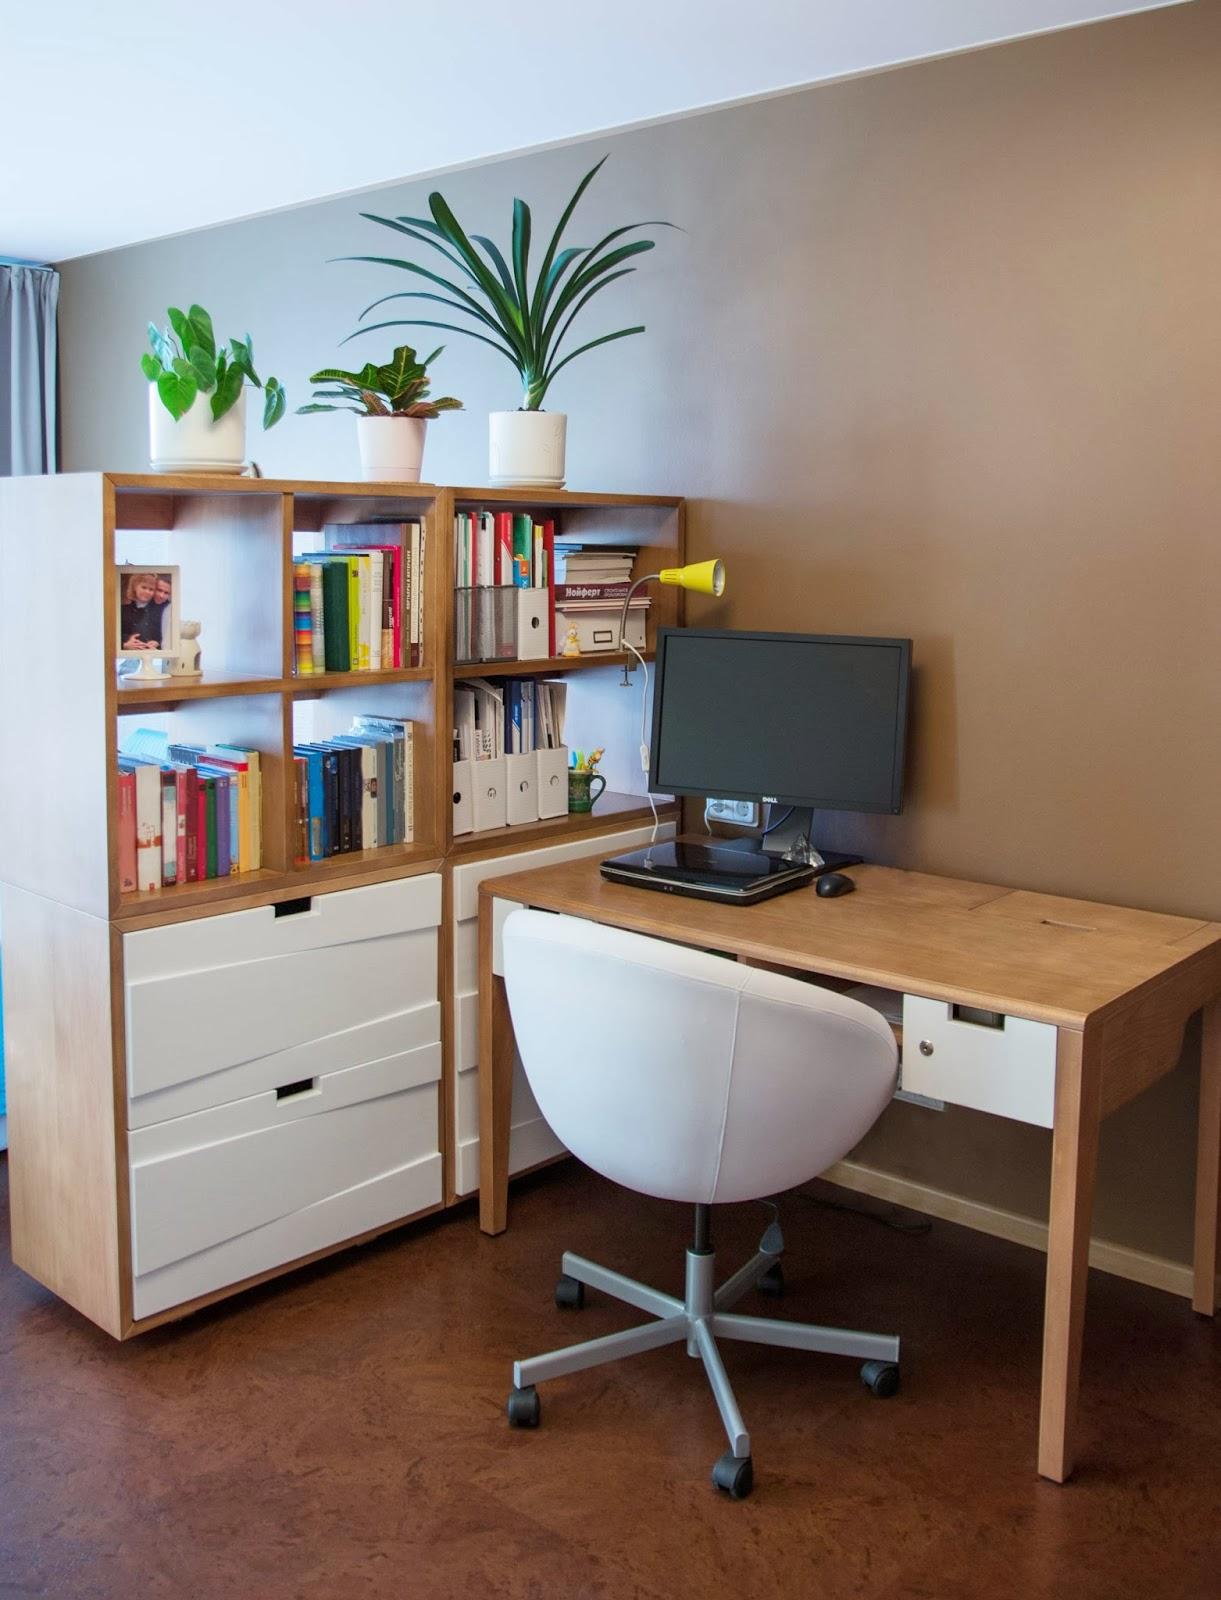 Удобный мягкий стул для работы